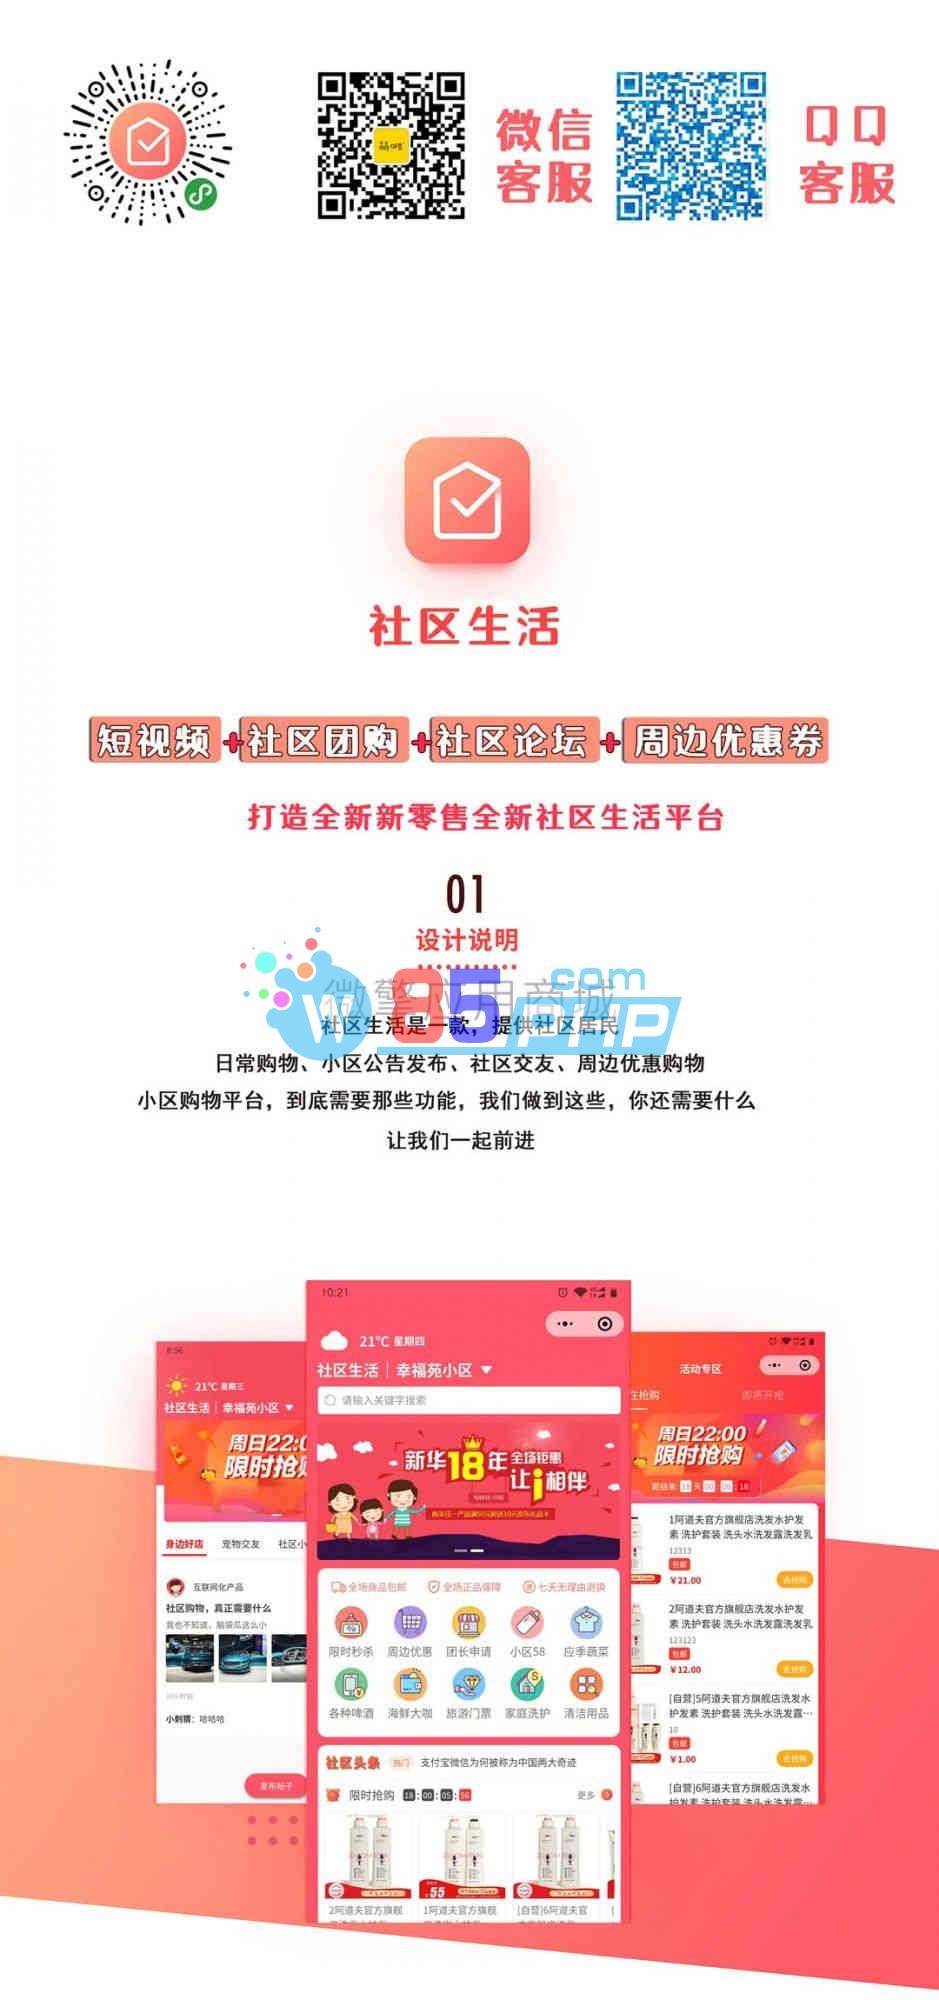 奇店社群社区团购 V5.6.2商业版,微信小程序源码插图